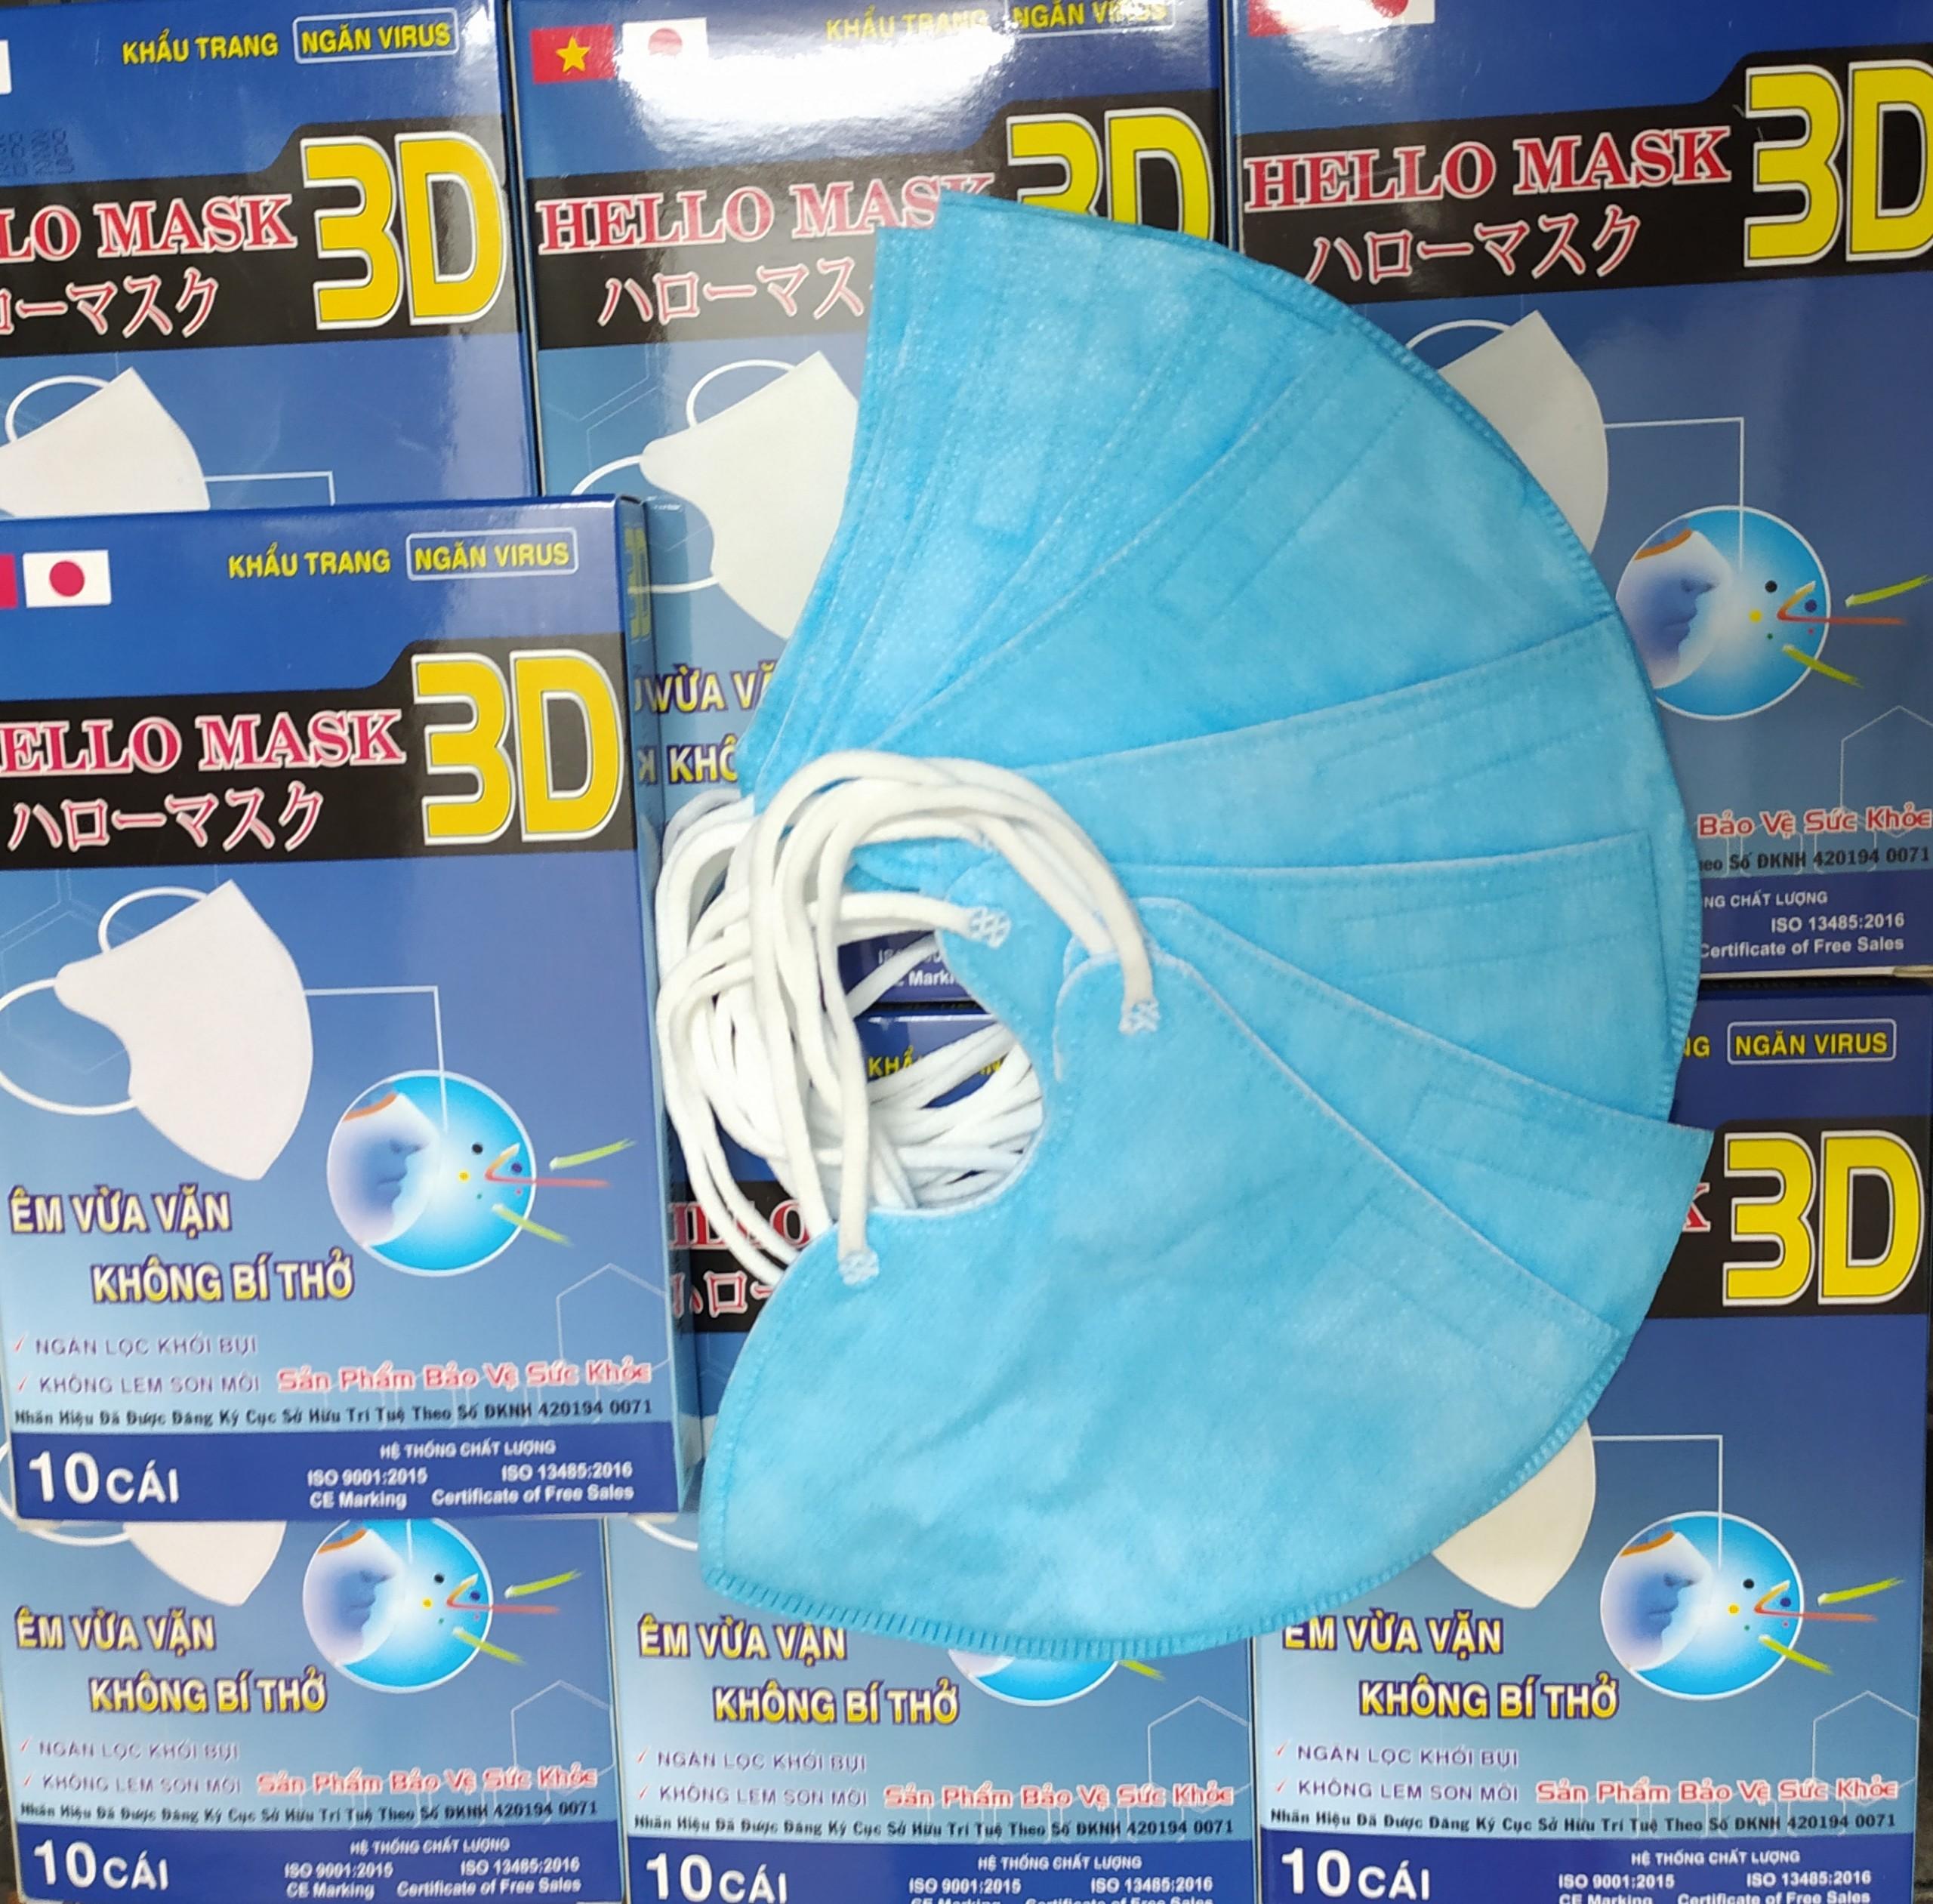 Khẩu Trang 3D Quai Thun Xanh